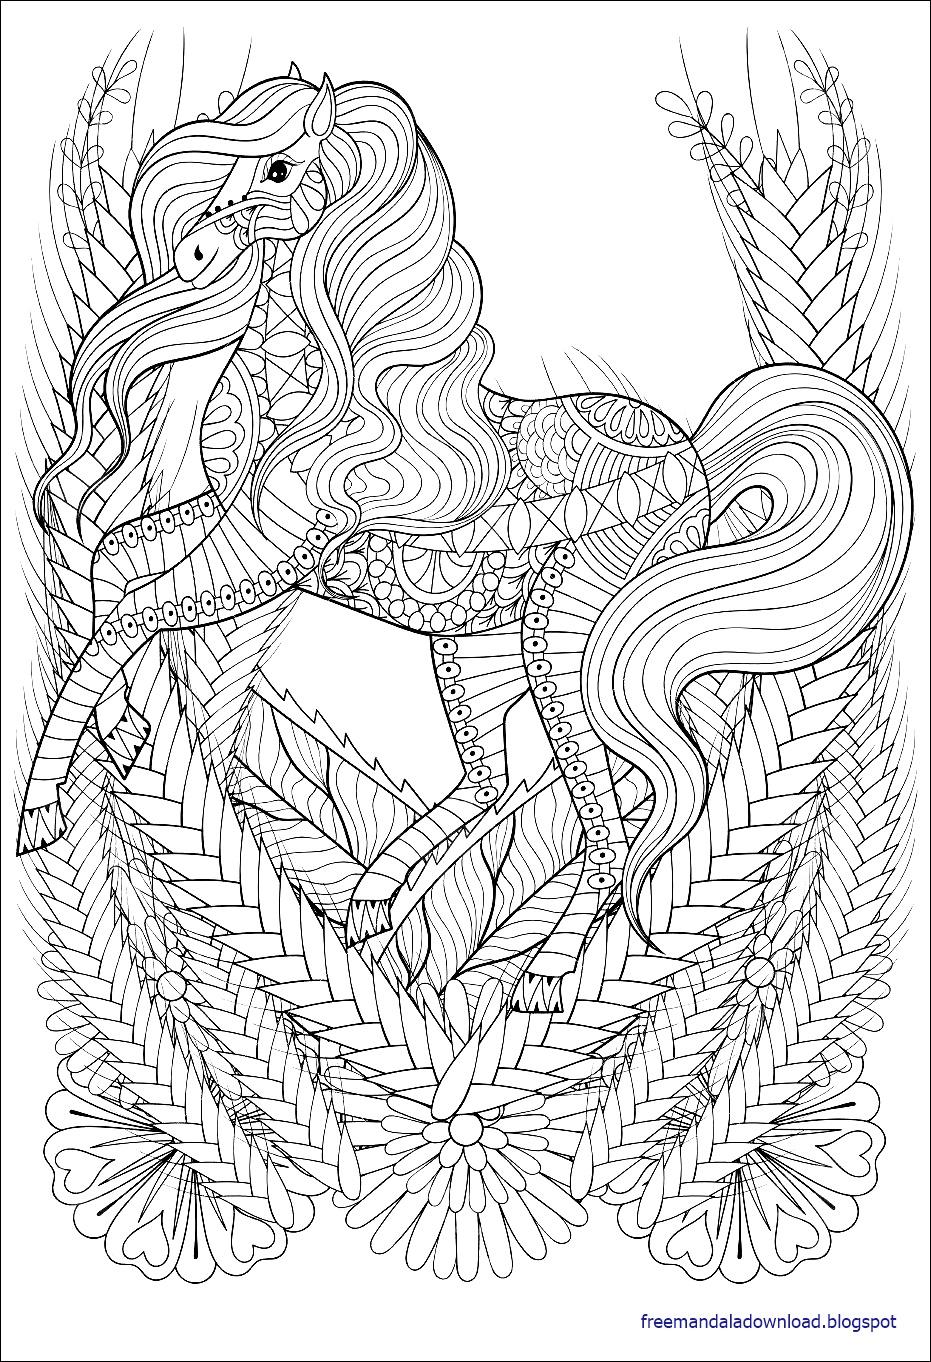 Malvorlagen Pferd Mandala - Free Mandala